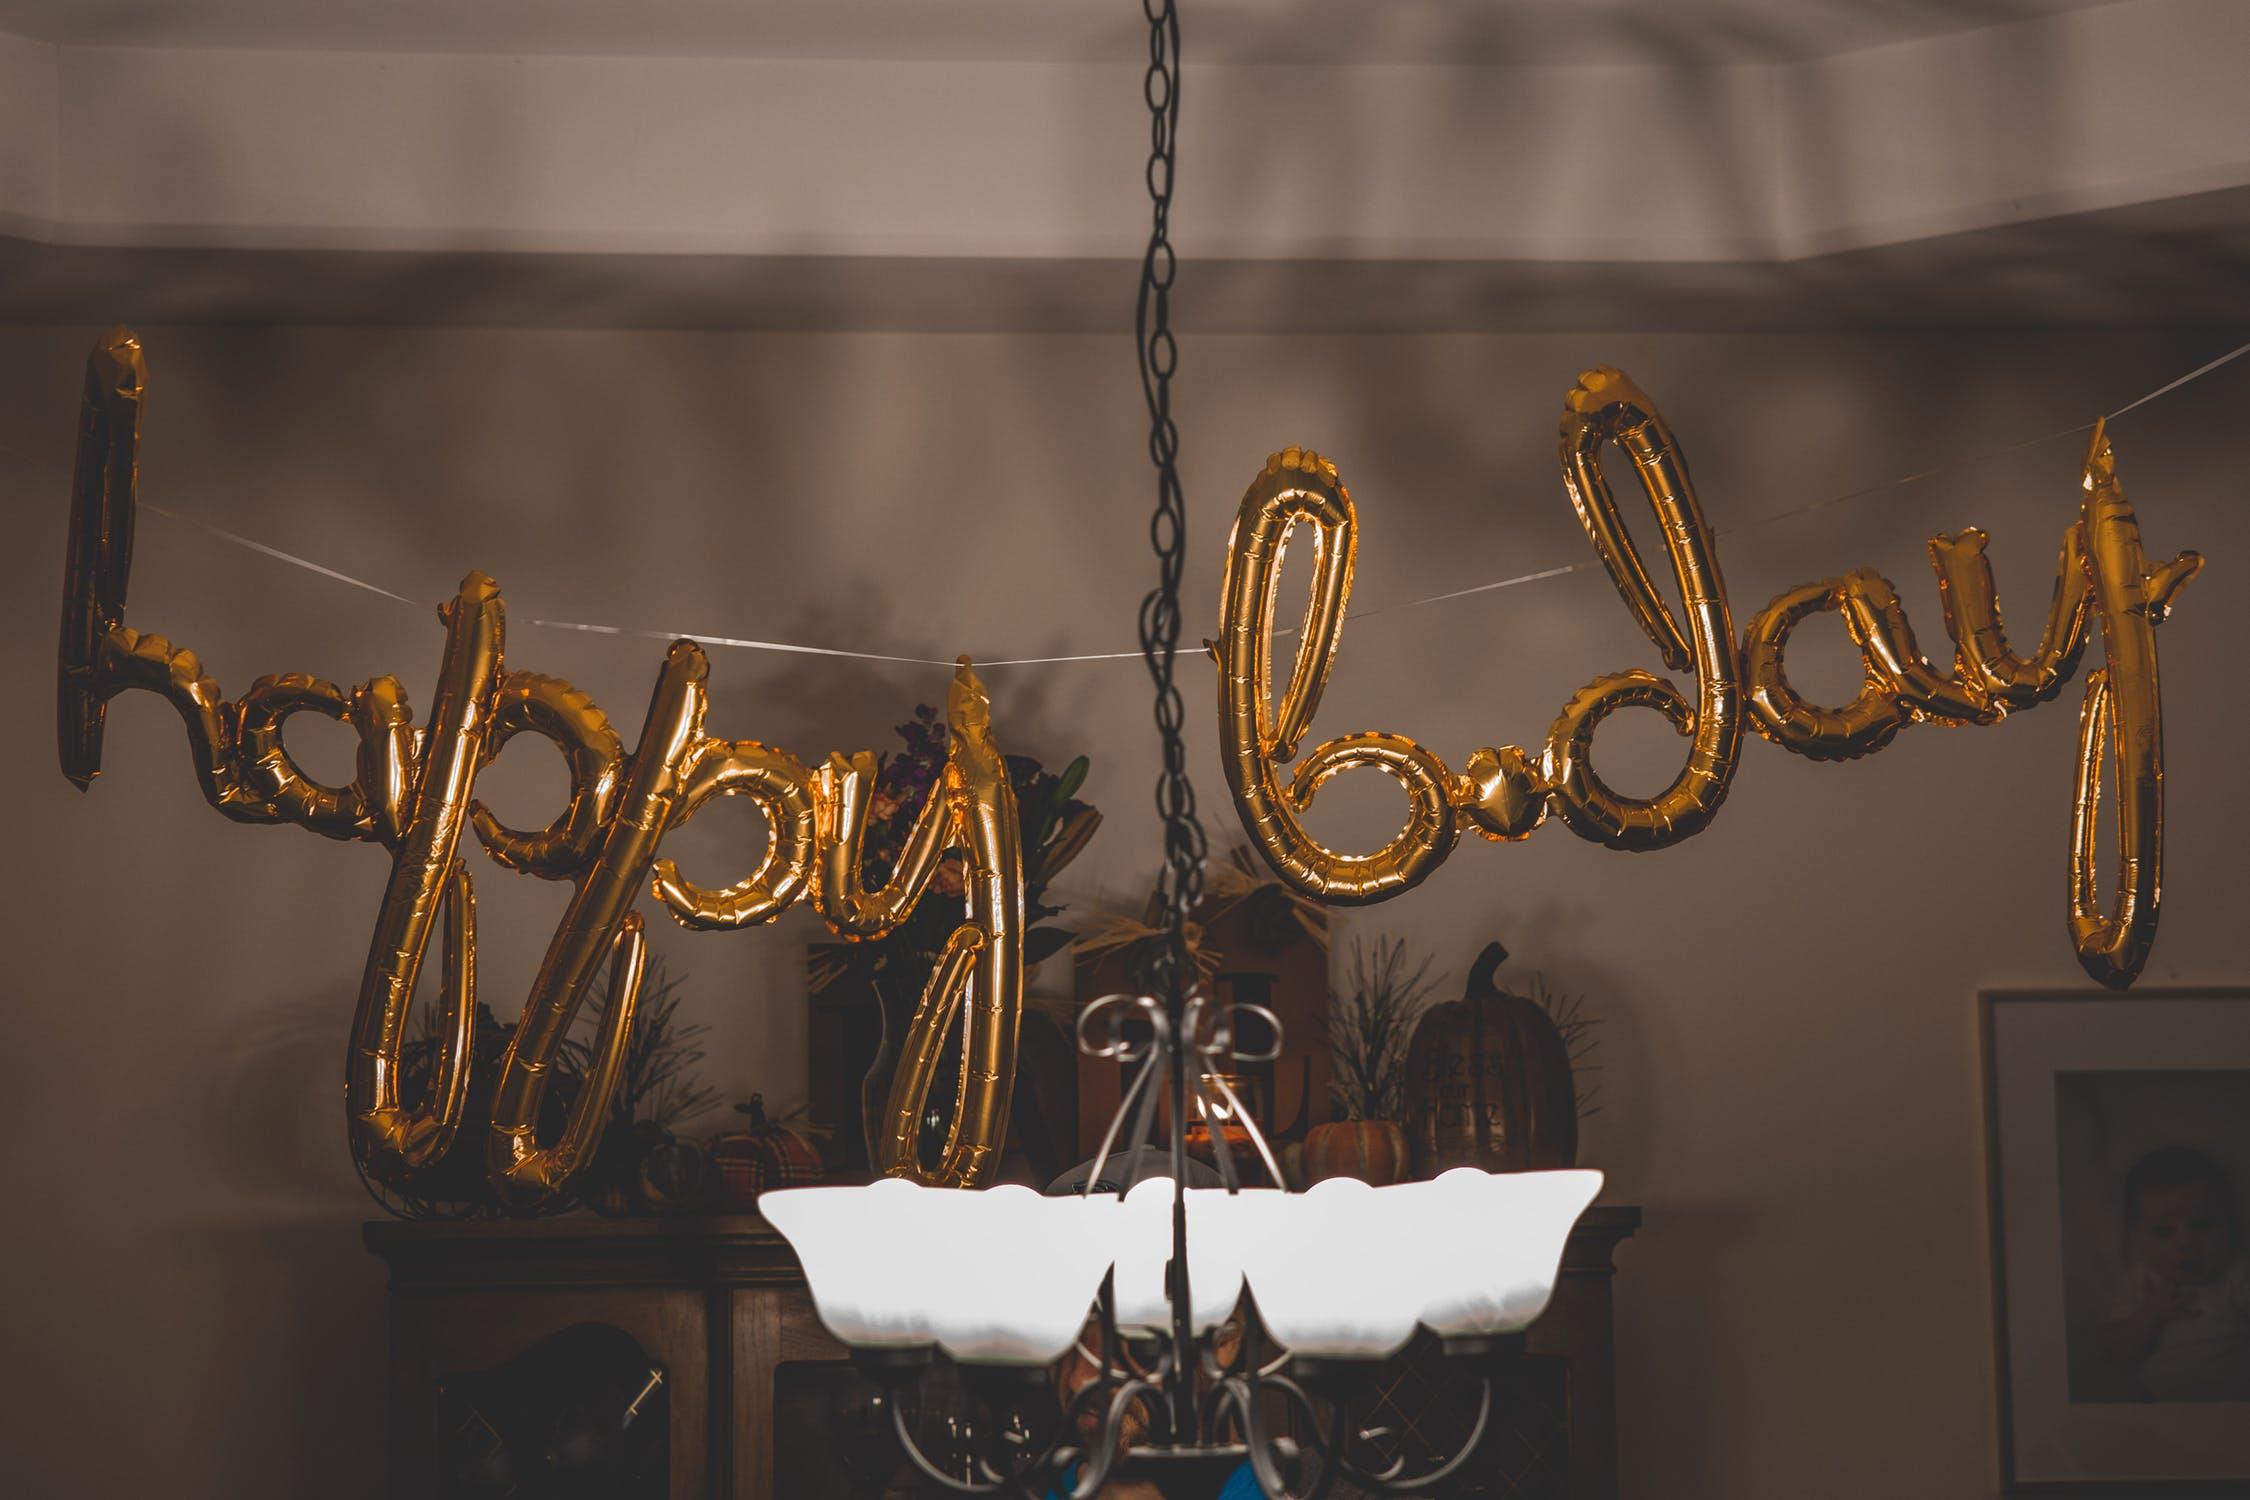 Grattis på 50 årsdagen